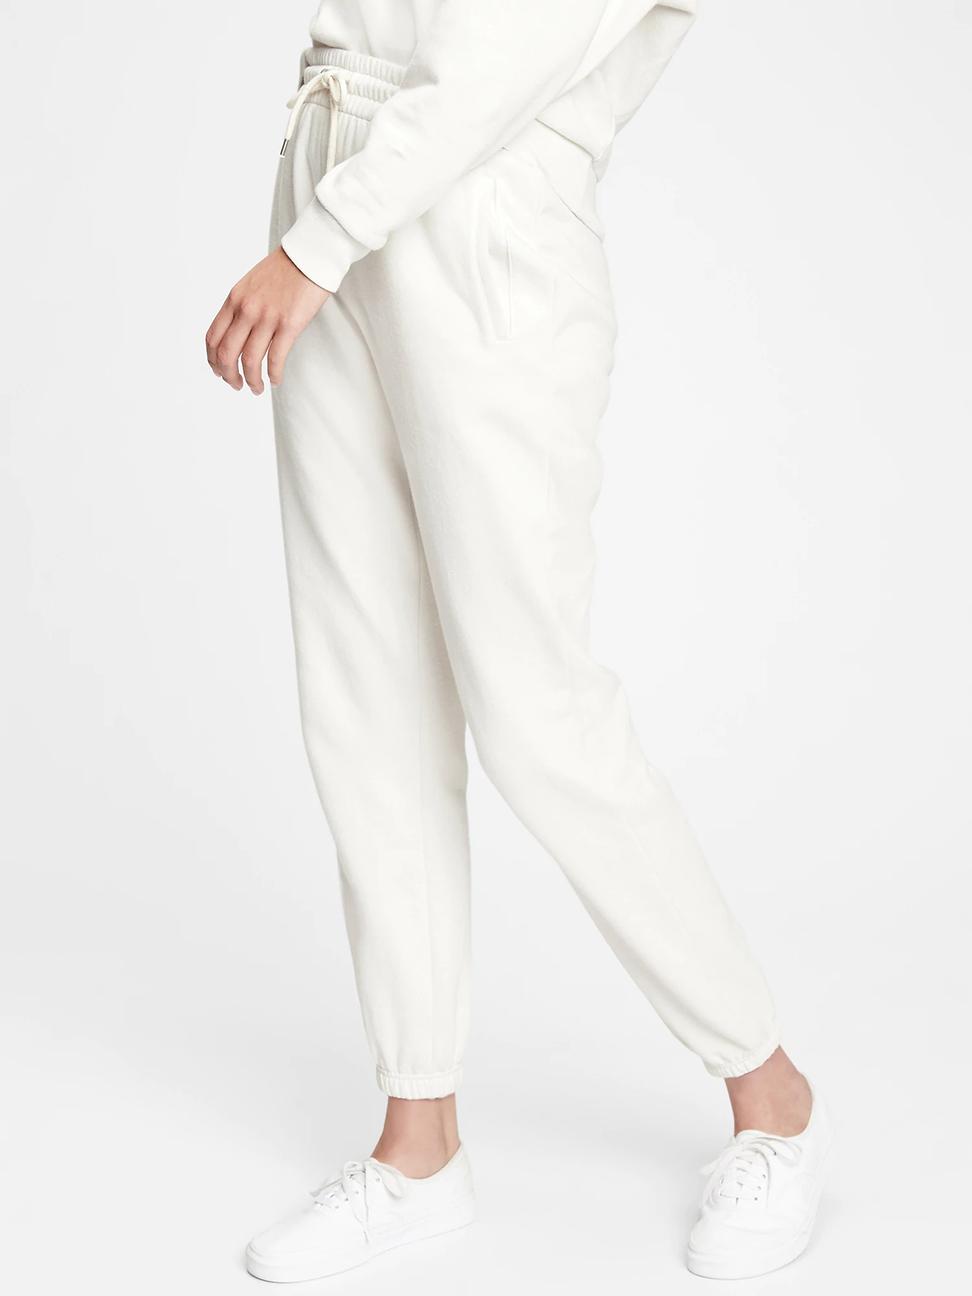 女裝 簡約風格鬆緊針織休閒褲